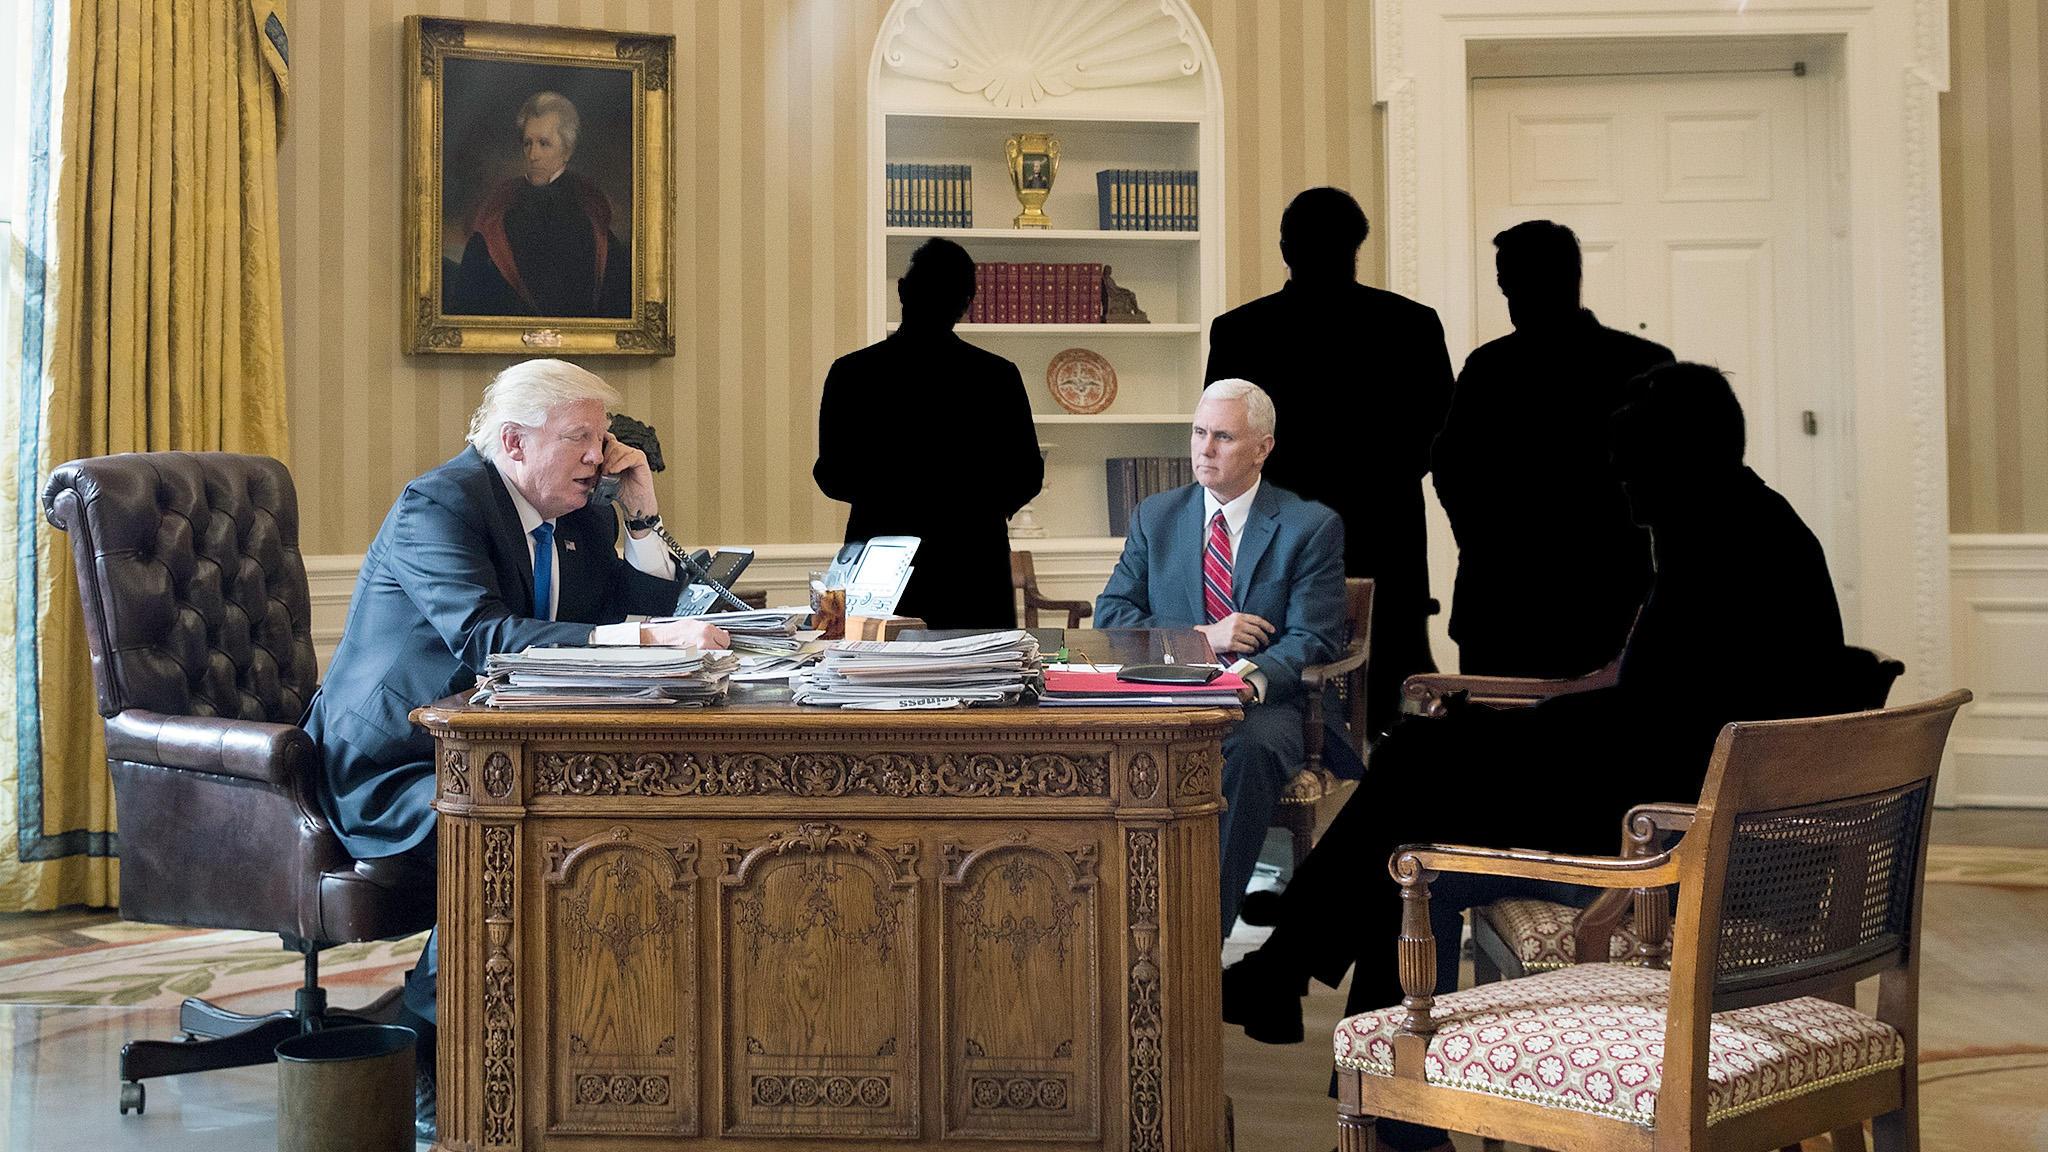 Personalkarussell Weißes Haus wen feuert Donald Trump als nächstes